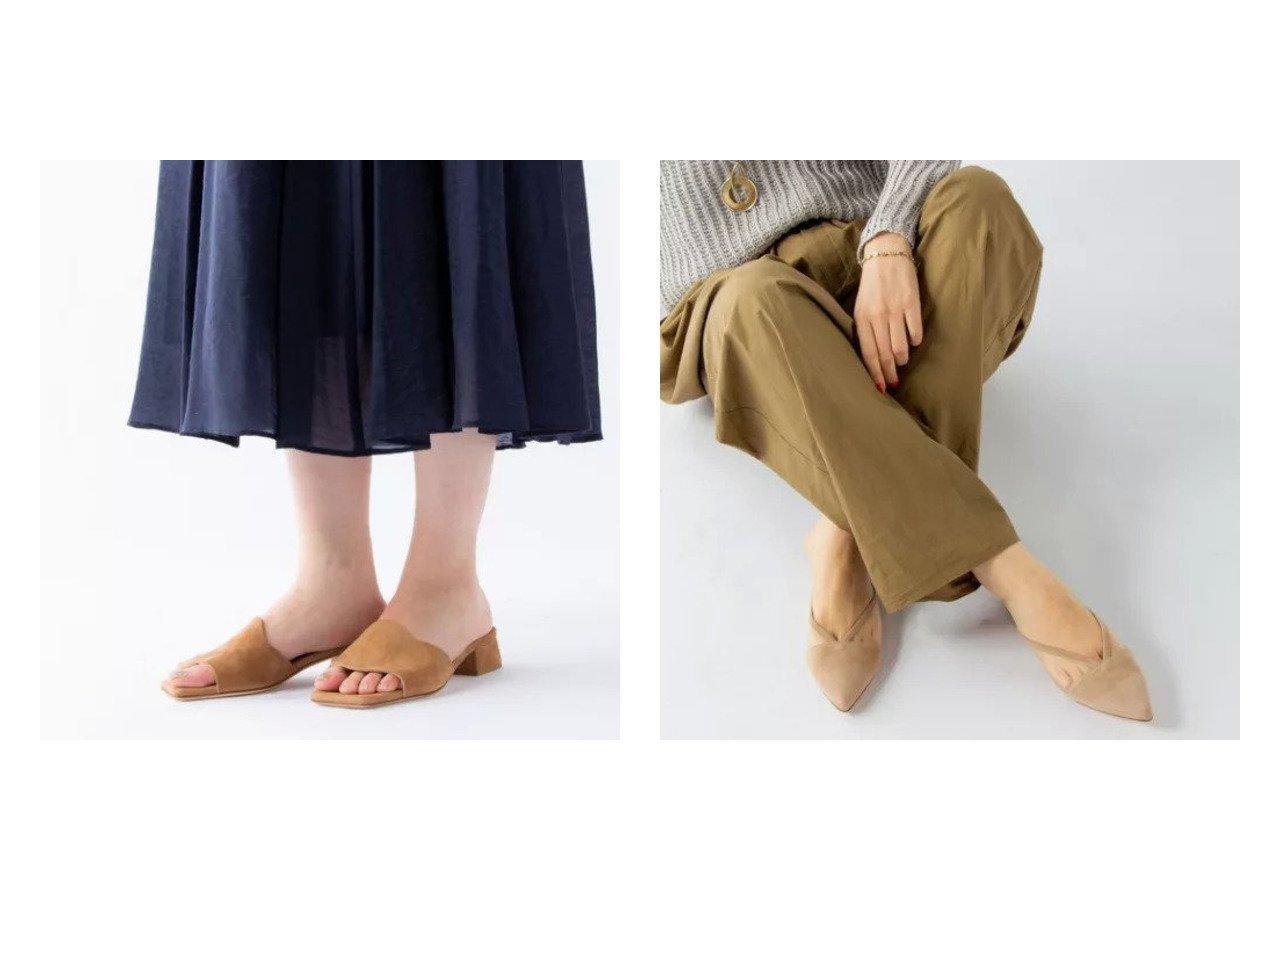 【NOLLEY'S/ノーリーズ】の【 ファビオルスコーニ】チュールコンビスリッポン&【 ファビオルスコーニ】ウェーブラインミュール 【シューズ・靴】おすすめ!人気、トレンド・レディースファッションの通販 おすすめで人気の流行・トレンド、ファッションの通販商品 メンズファッション・キッズファッション・インテリア・家具・レディースファッション・服の通販 founy(ファニー) https://founy.com/ ファッション Fashion レディースファッション WOMEN イタリア サンダル シューズ チュール フェミニン フォルム ポインテッド ソックス トレンド ミュール ラップ  ID:crp329100000030399